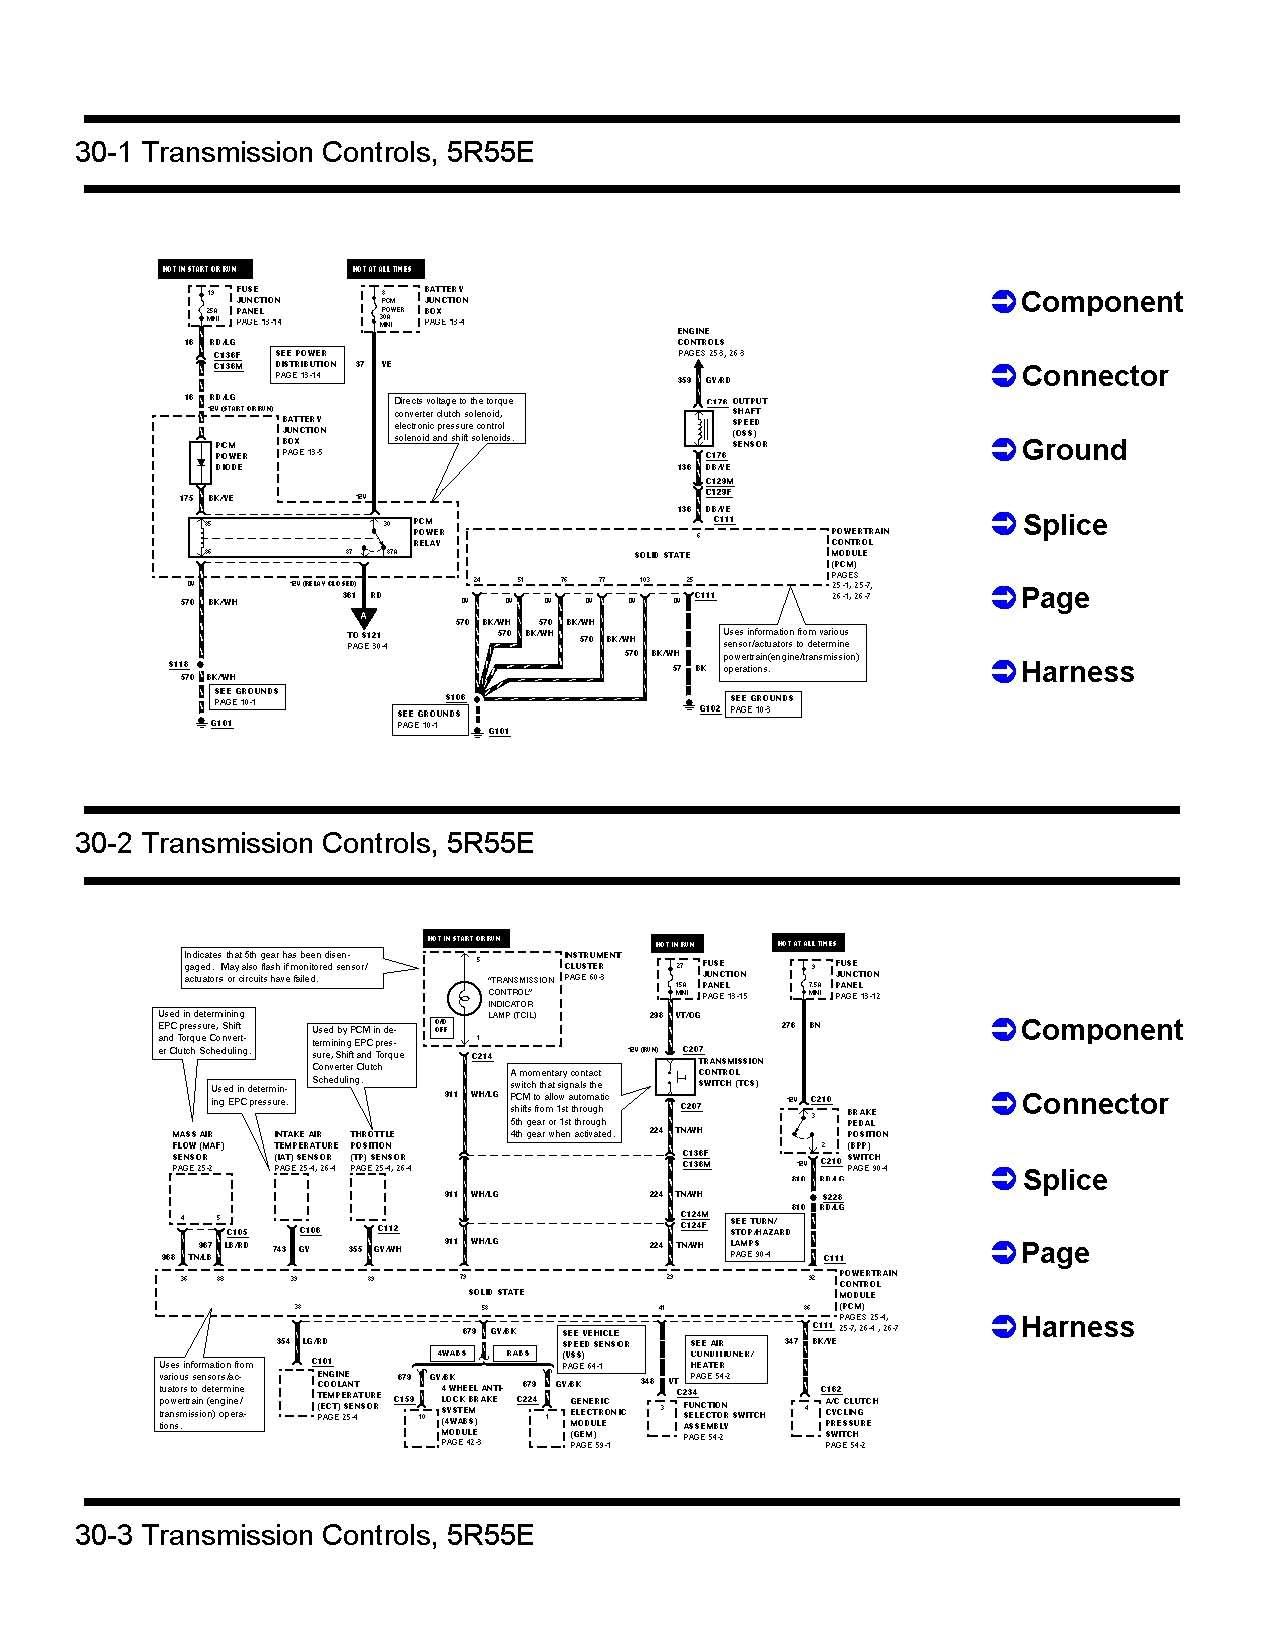 5R55W Wiring Diagram | Wiring Diagram - 4R70W Transmission Wiring Diagram